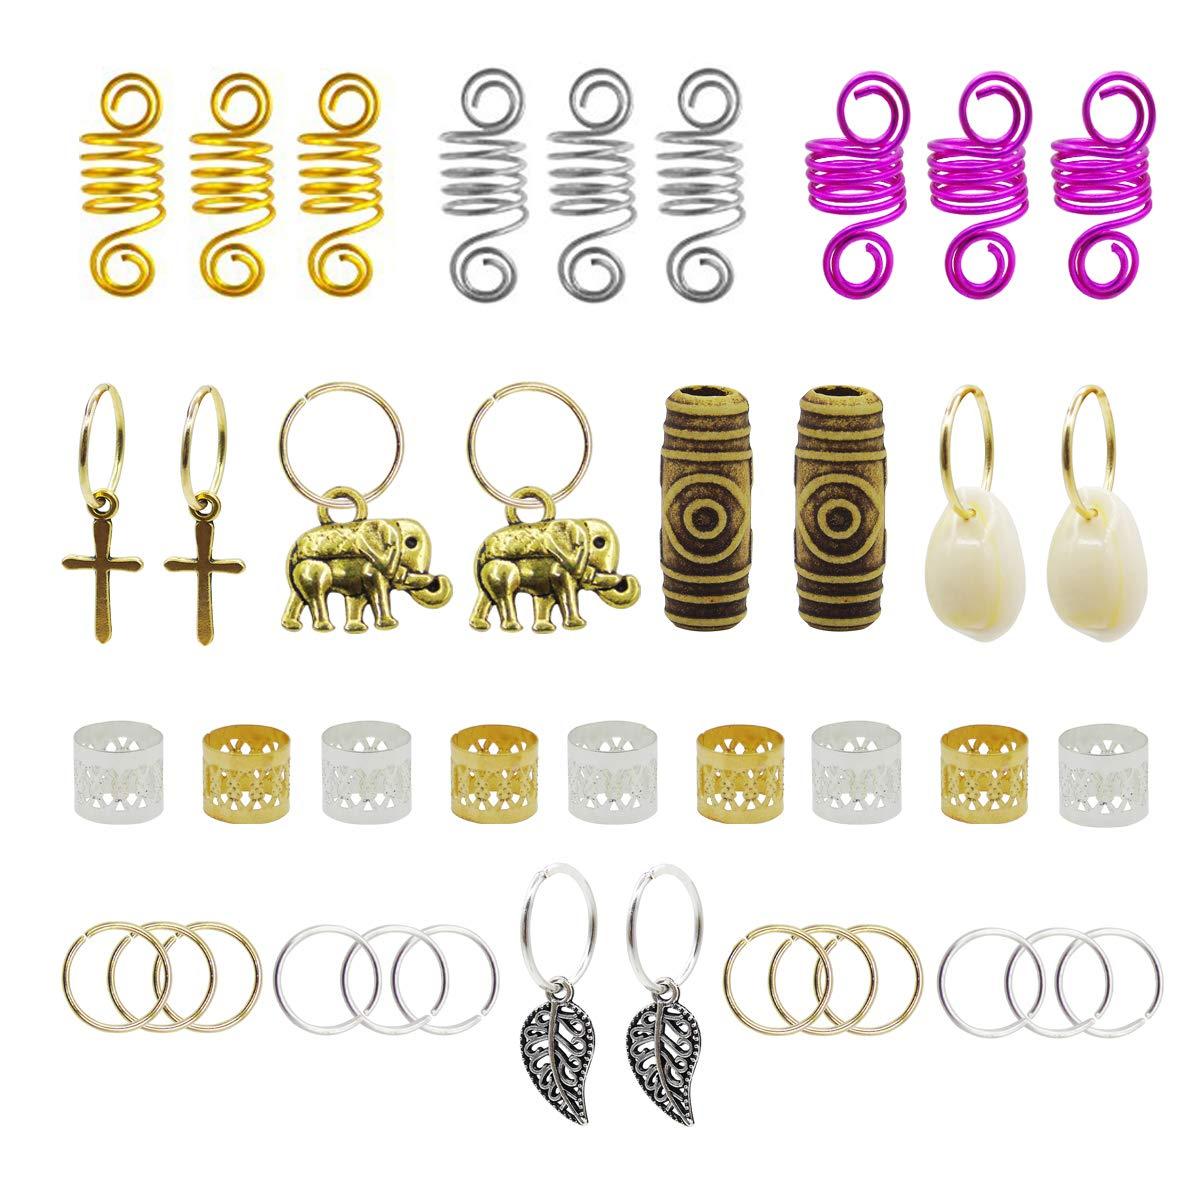 120pcs Dredlock Beads Accessories, Grosun Hair Charms Pendants Hair Rings Braid Cuffs Braid Hair Accessories Braid Jewelry for Hair